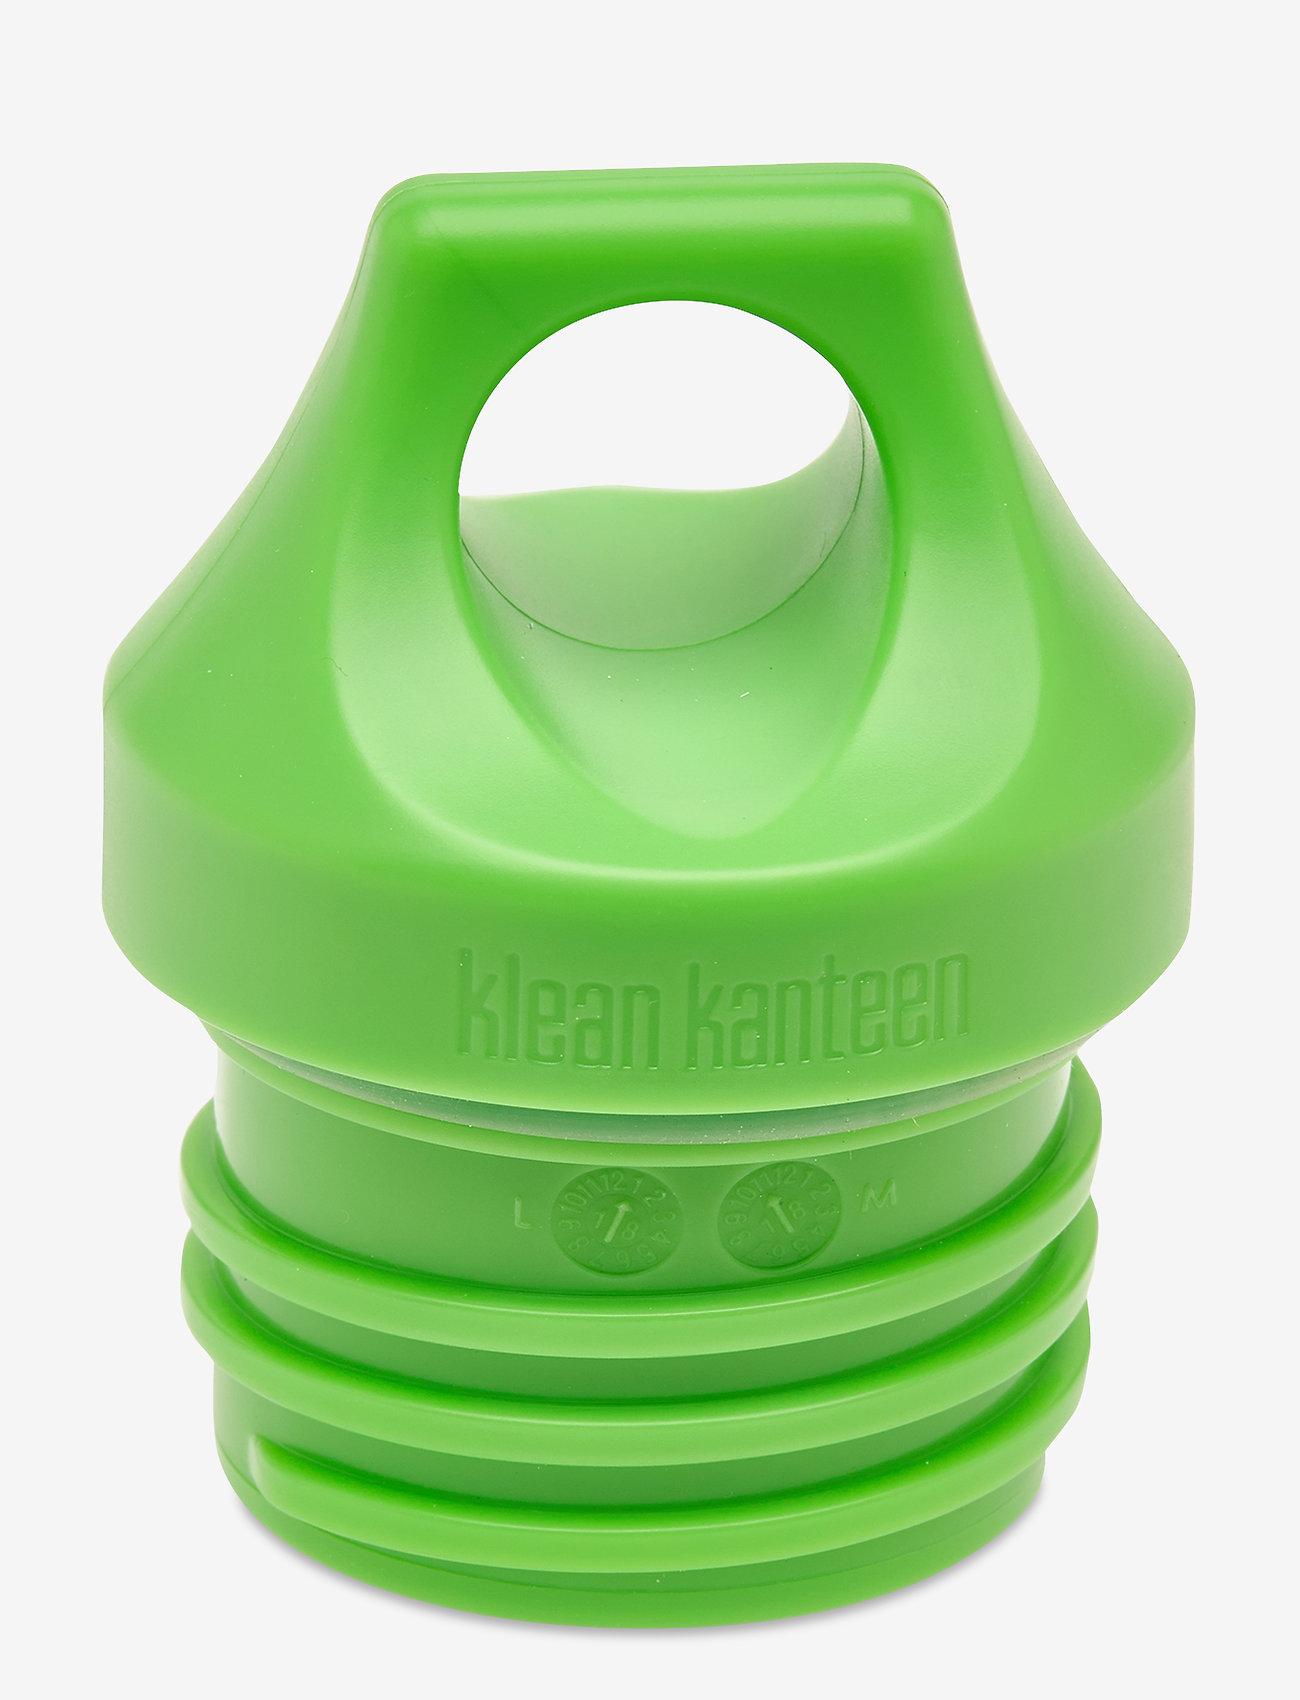 Klean Kanteen - Klean Kanteen Loop Cap Black - green - 0